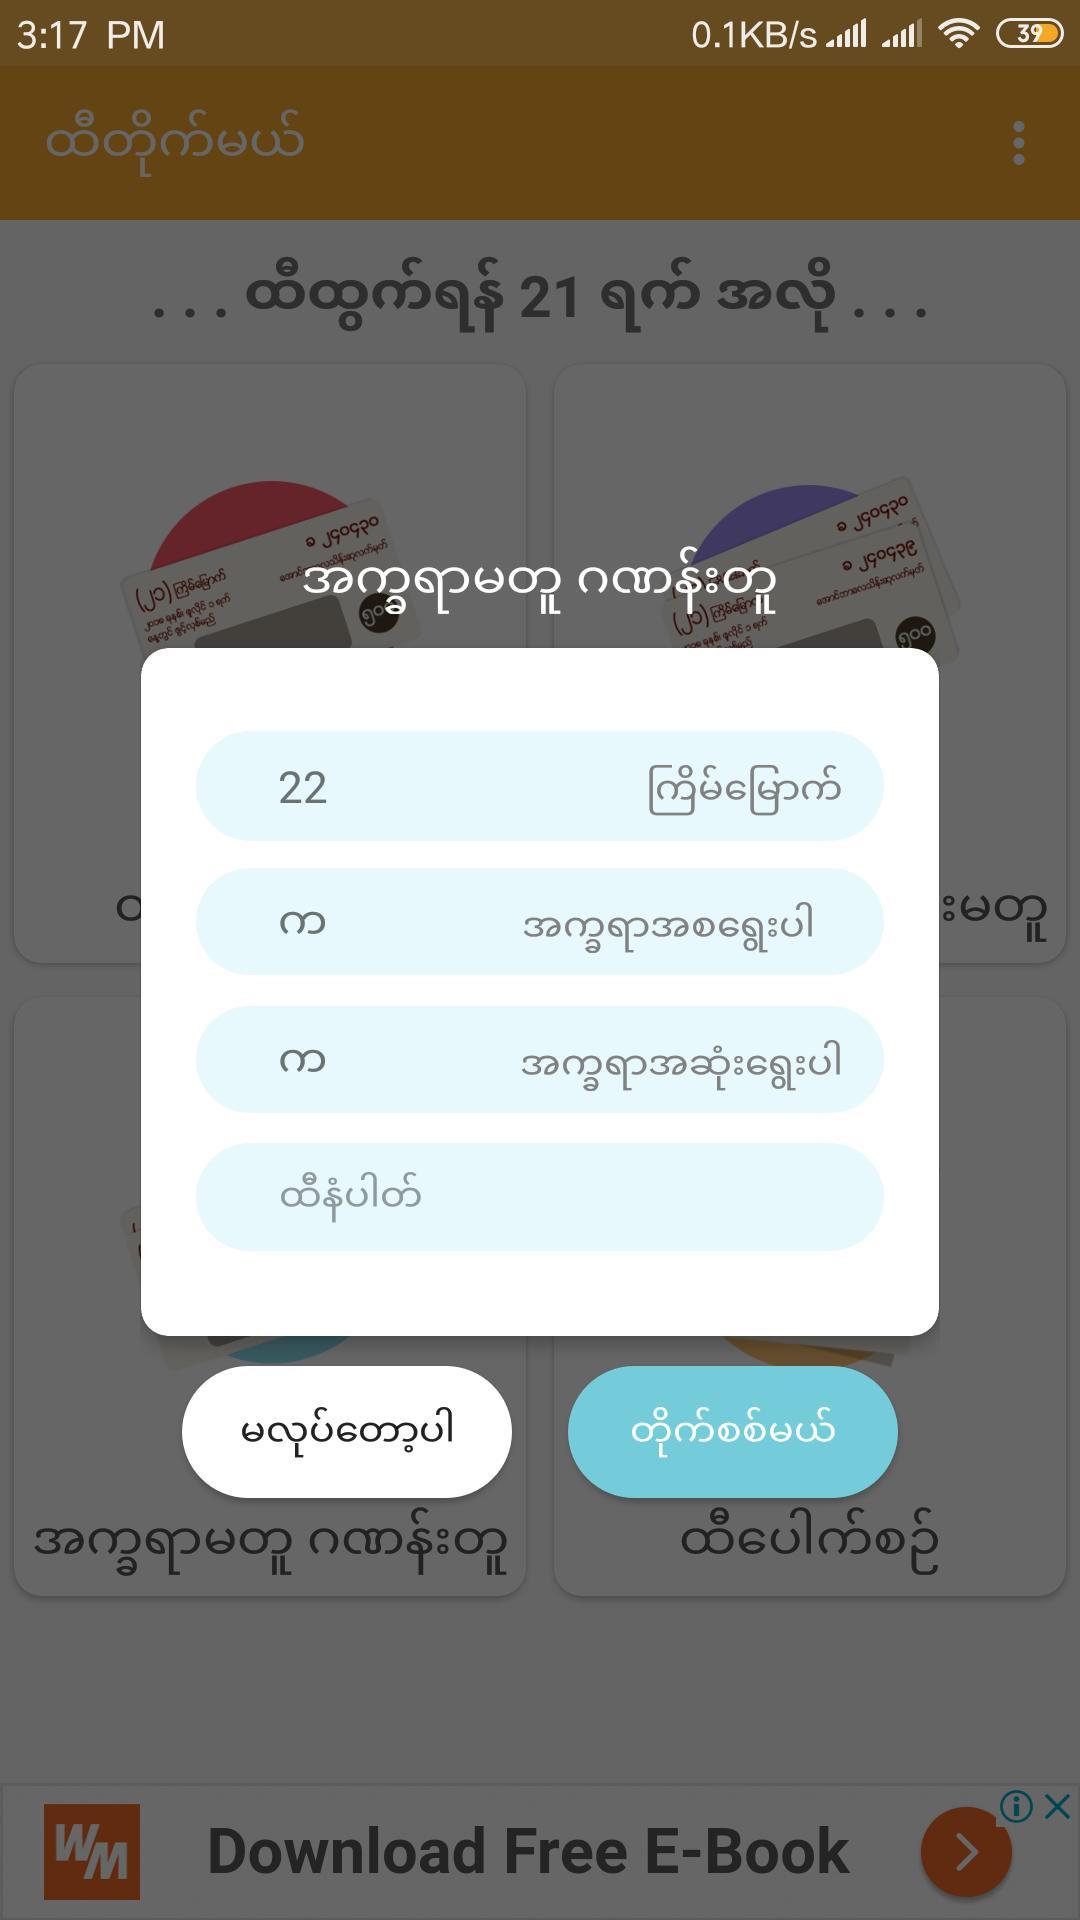 ထီ - (Myanmar Lottery) for Android - APK Download